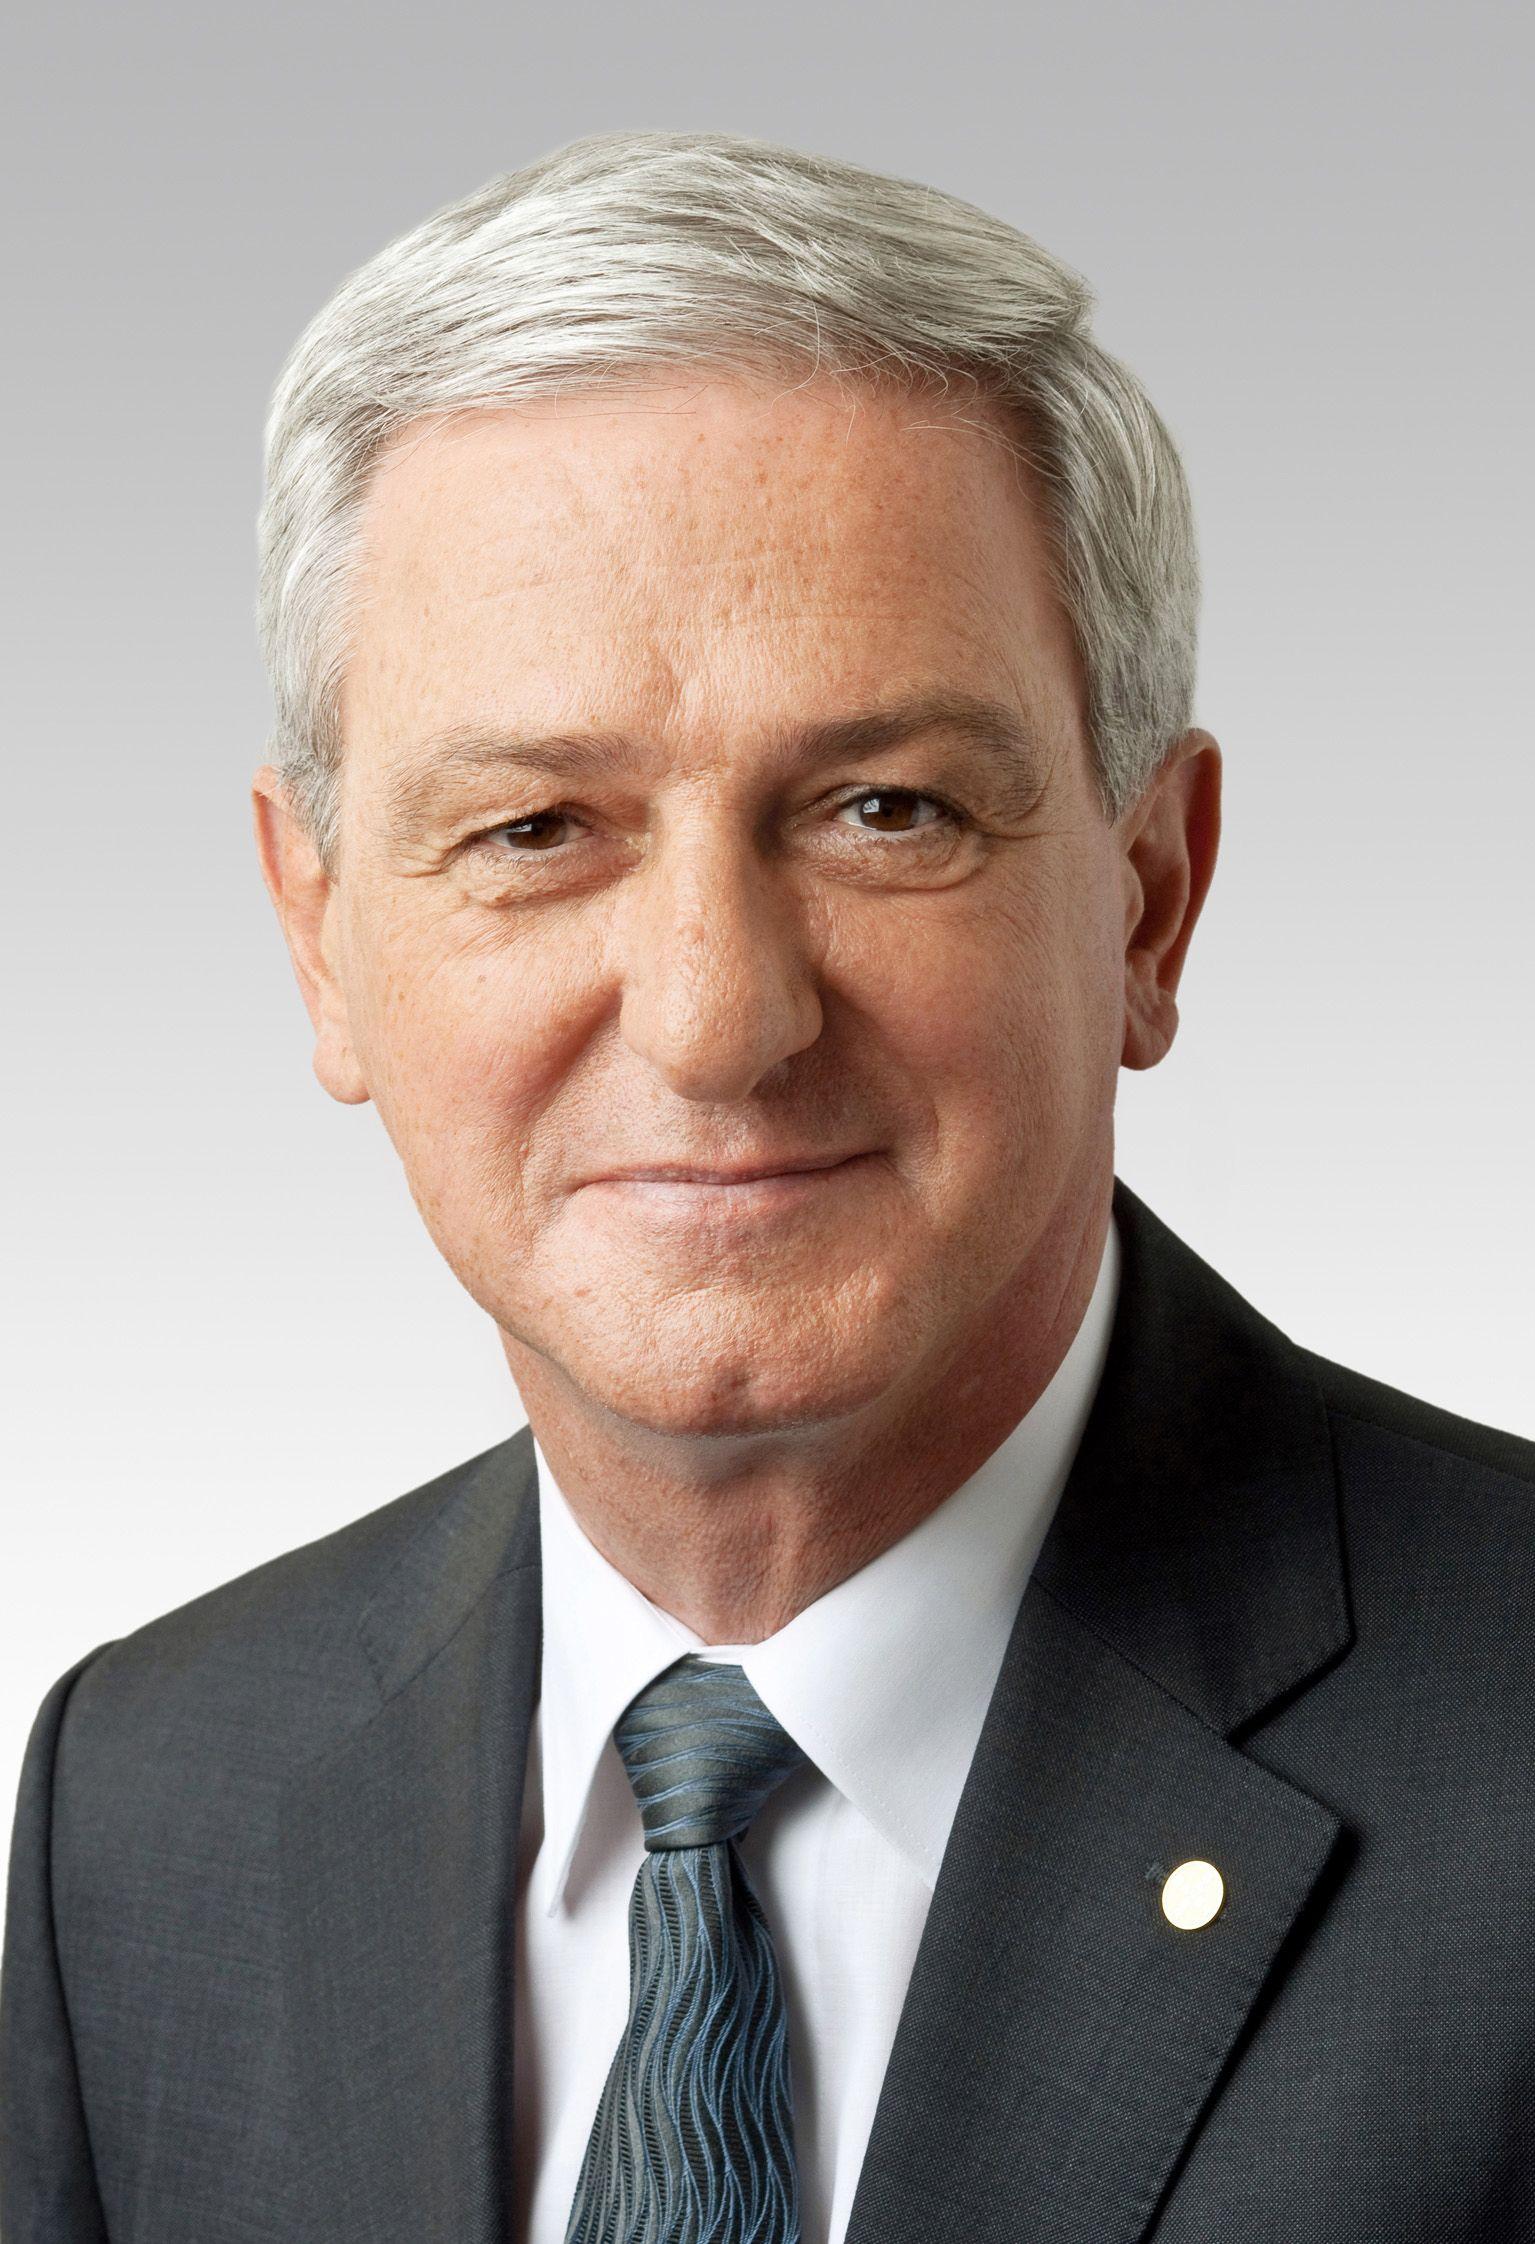 Dr. Jörg Reinhardt / Bayer AG